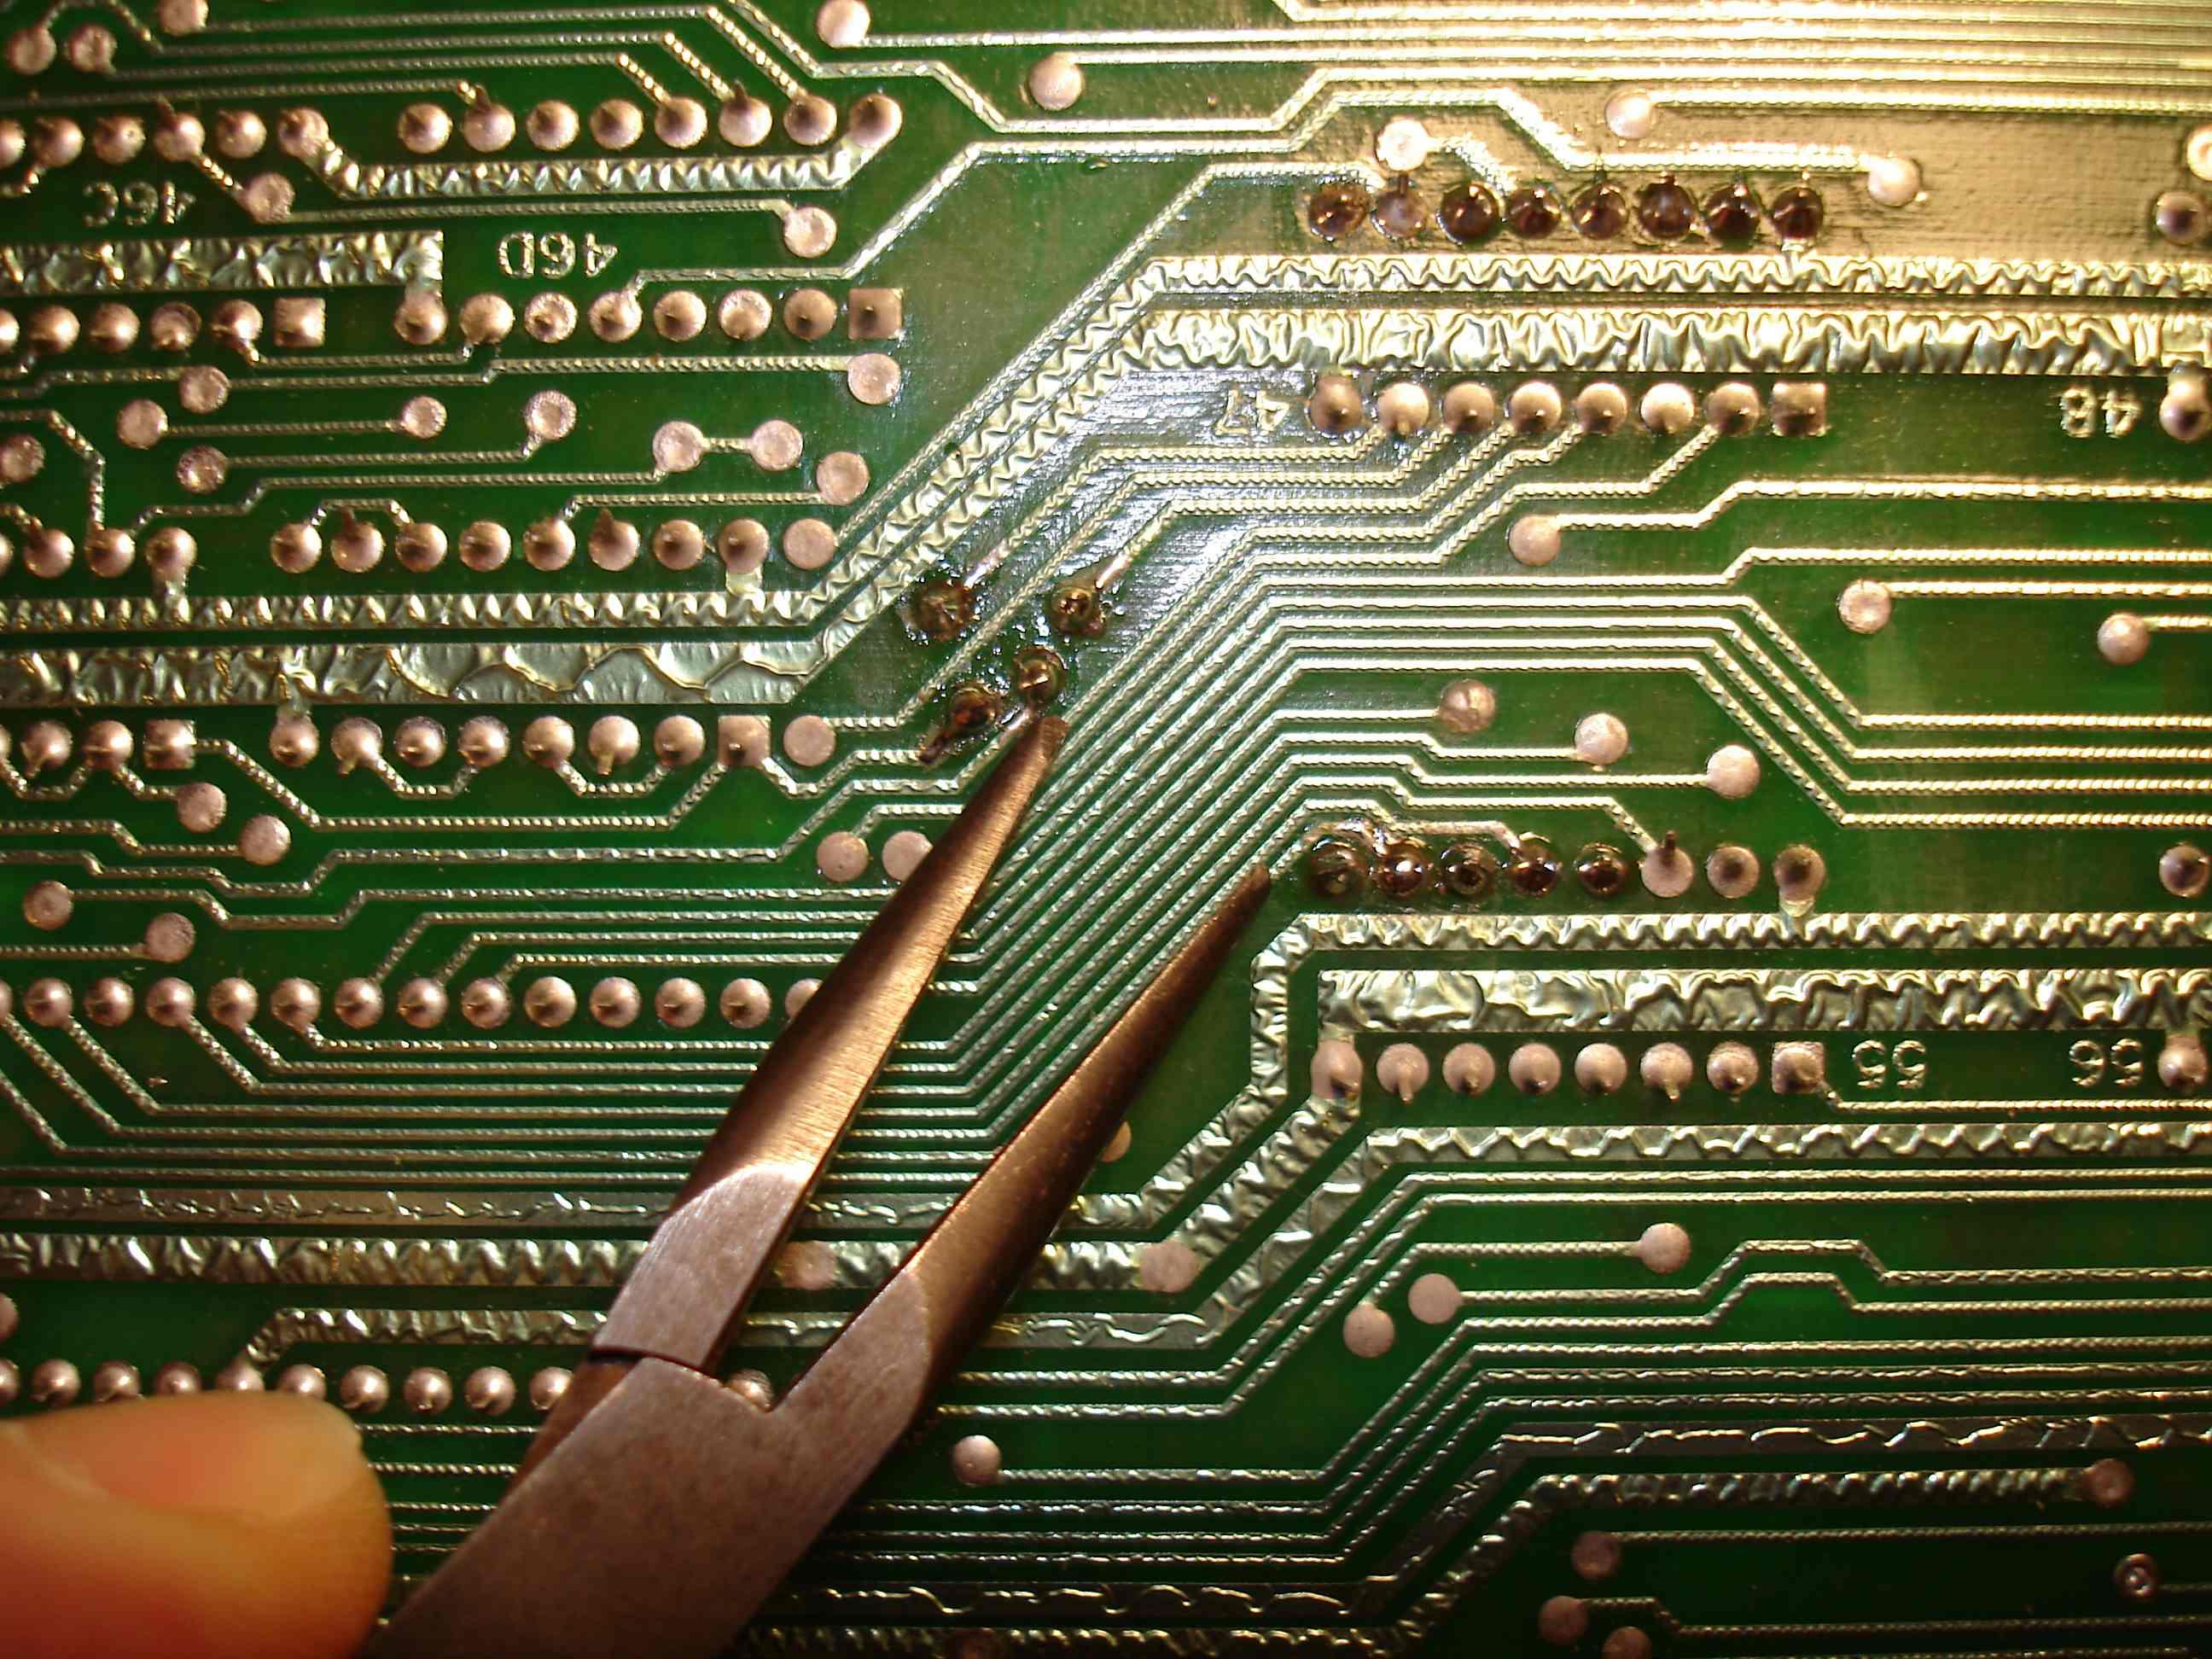 Bricolage : il soude à la main les 15000 transistors de son macroprocesseur